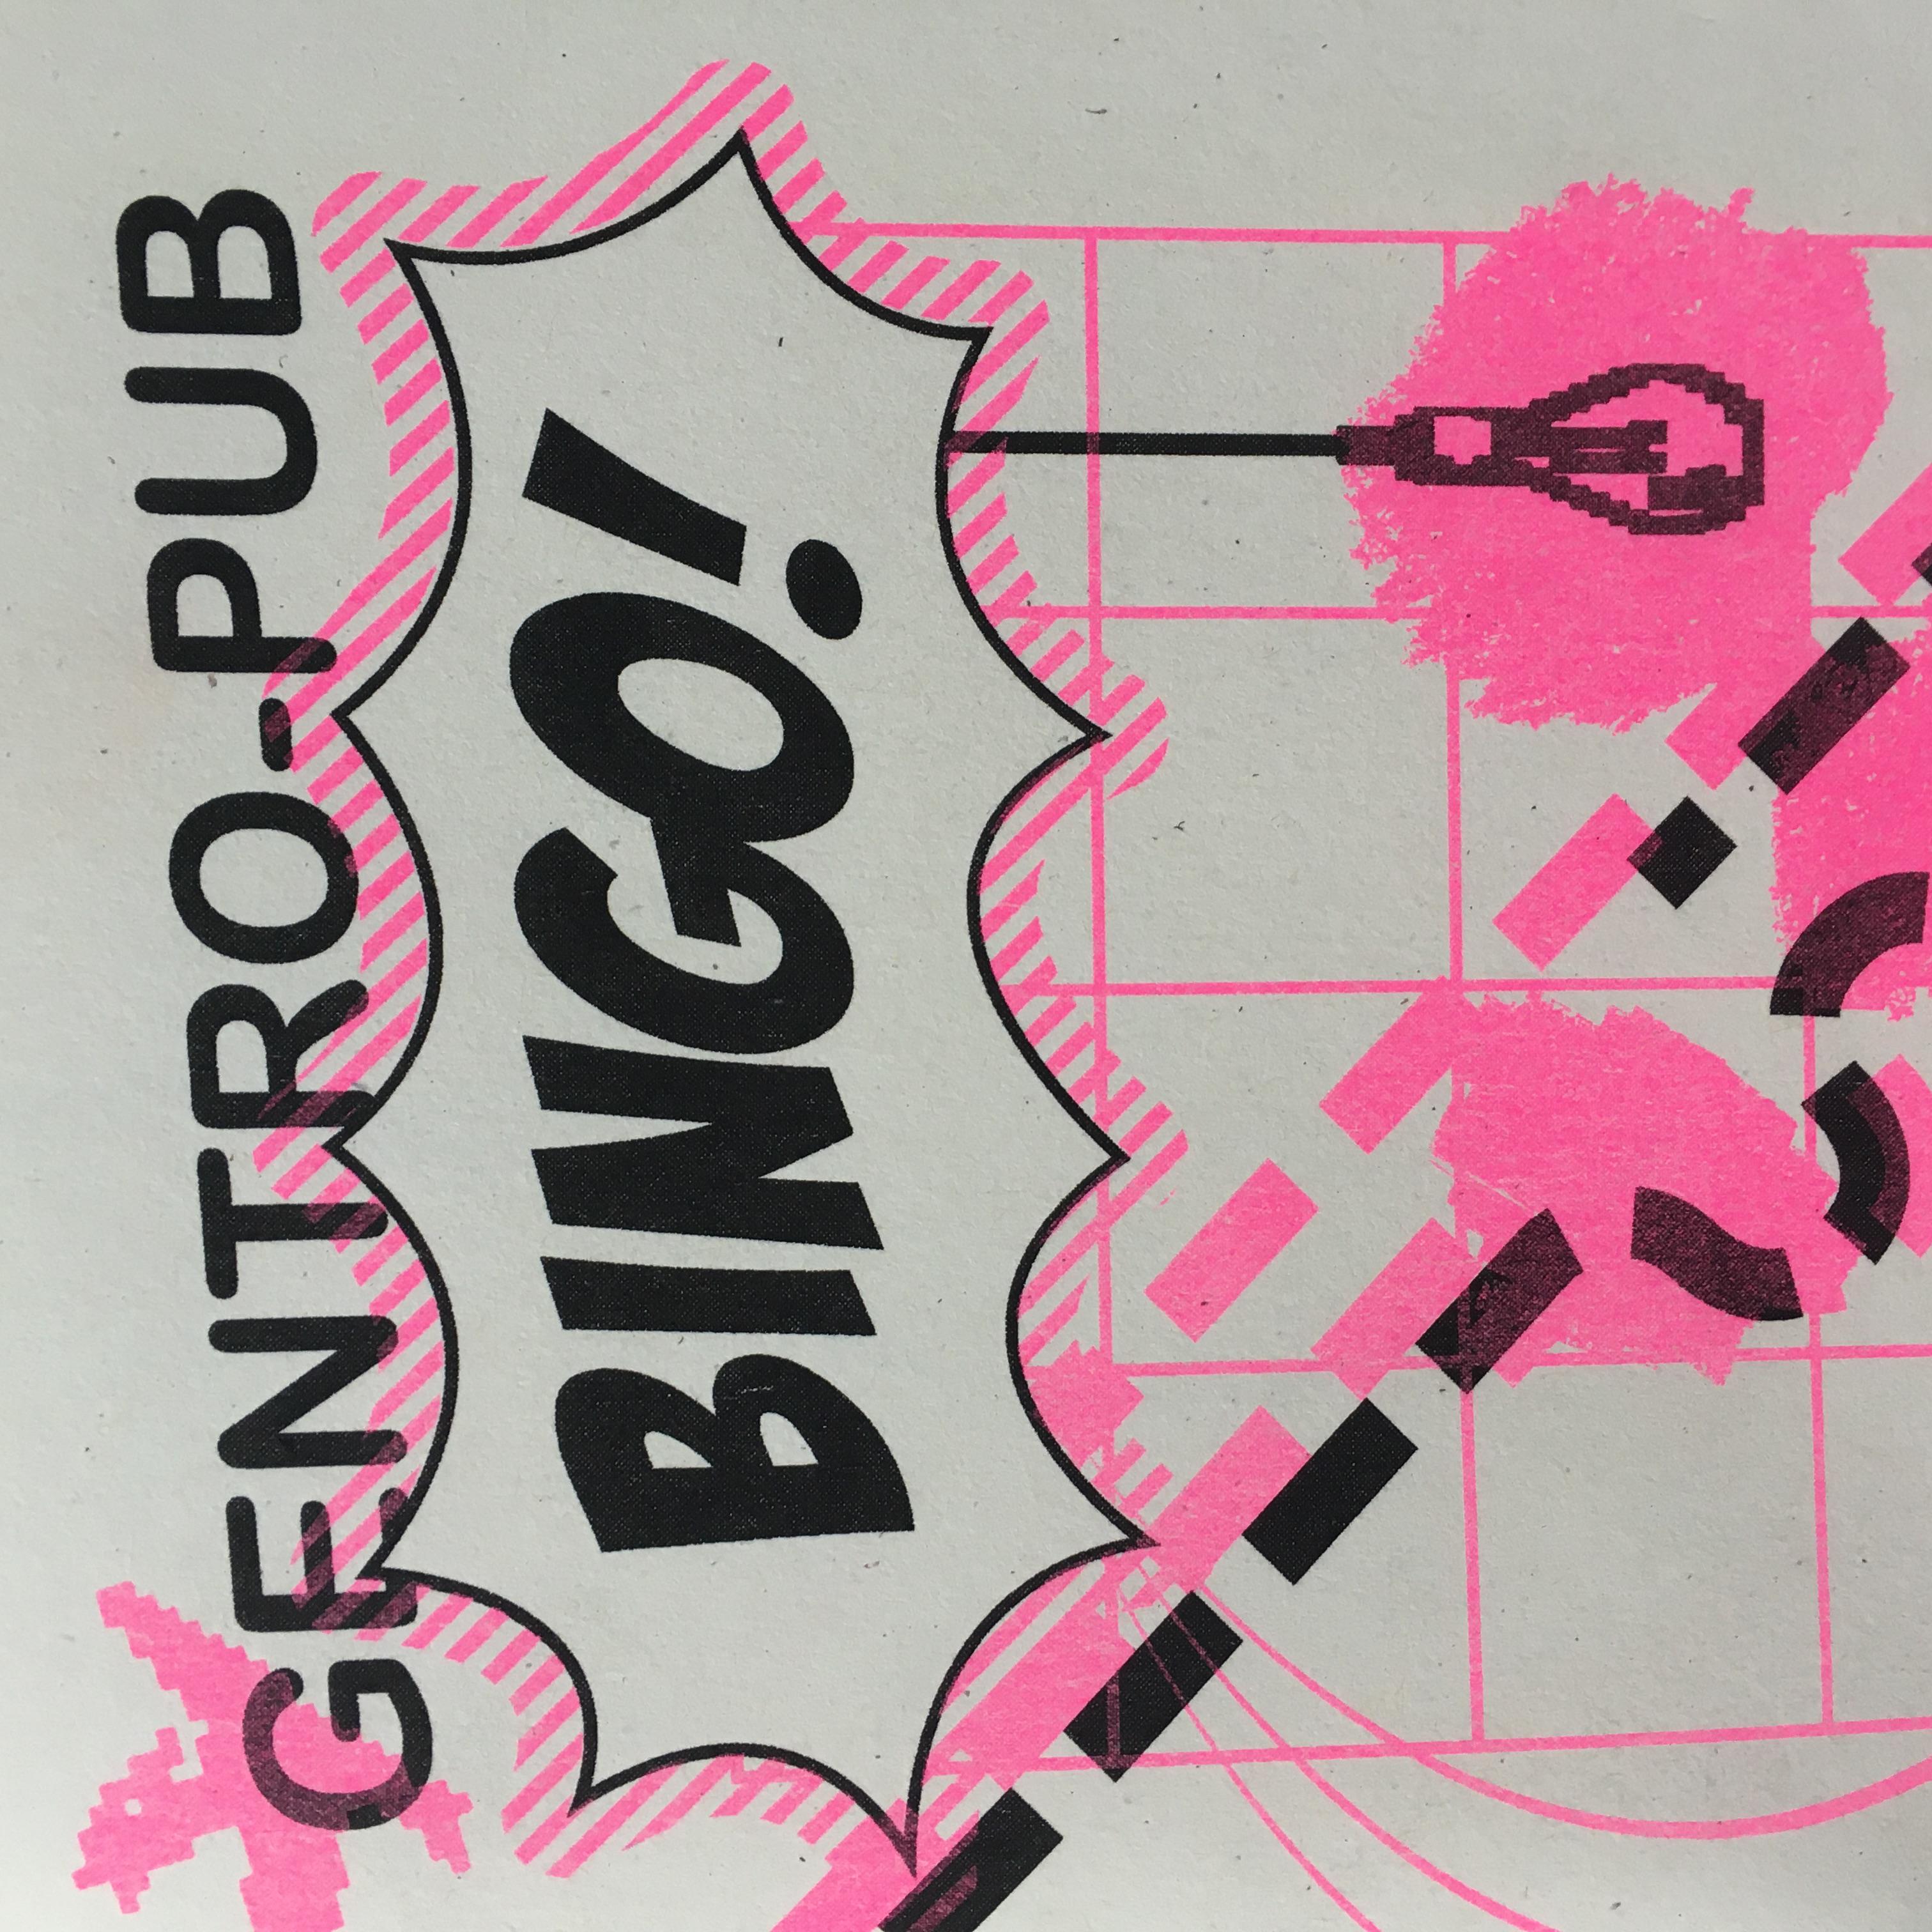 Gentro-Pub Bingo